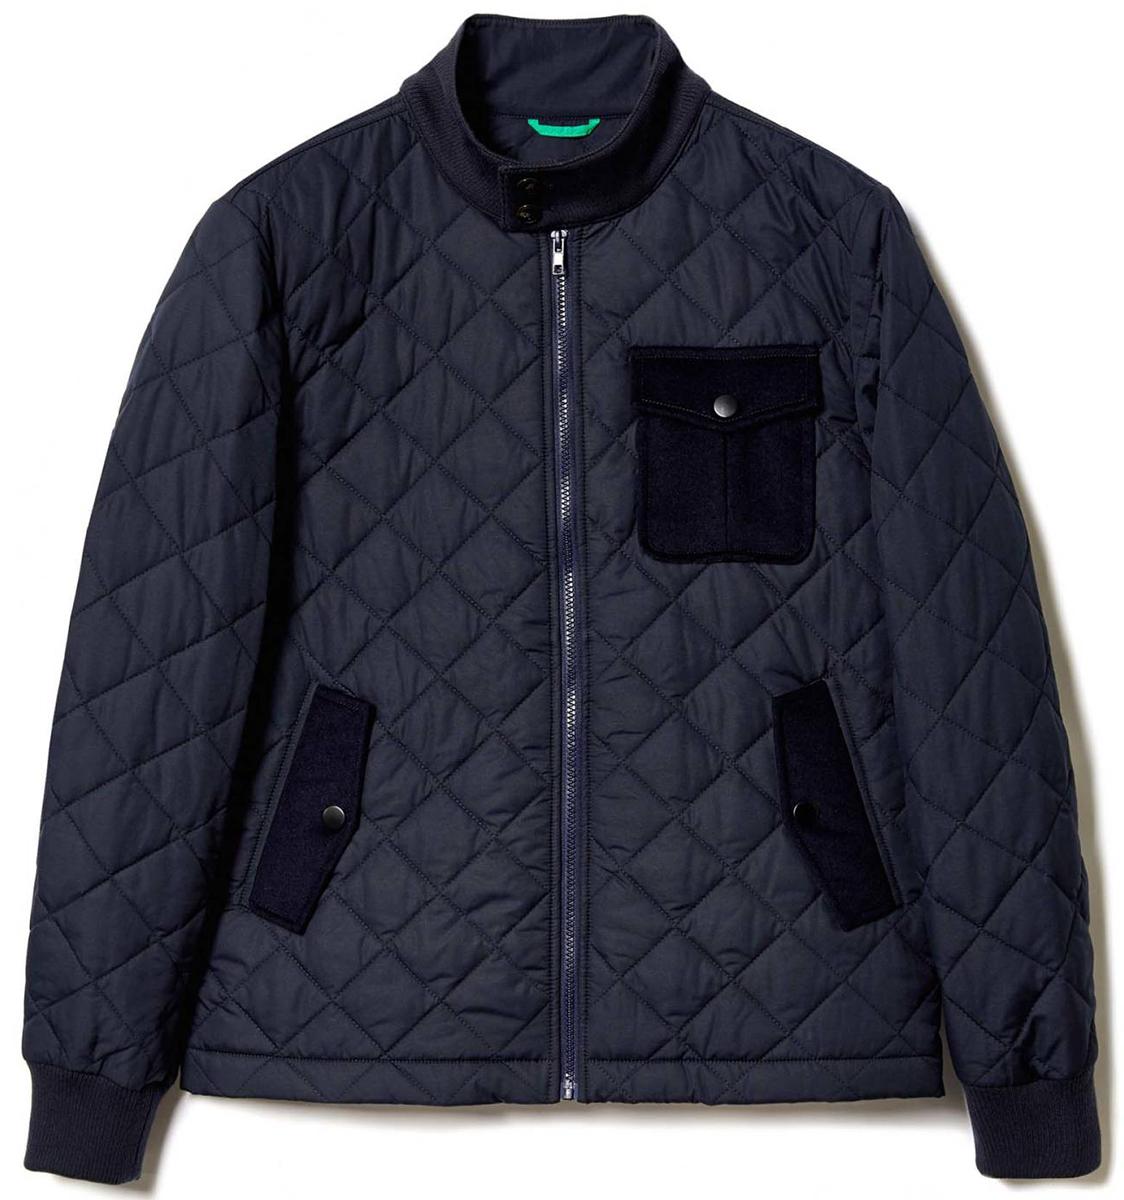 Куртка муж United Colors of Benetton, цвет: синий. 2JQ6539D8_06U. Размер 482JQ6539D8_06U